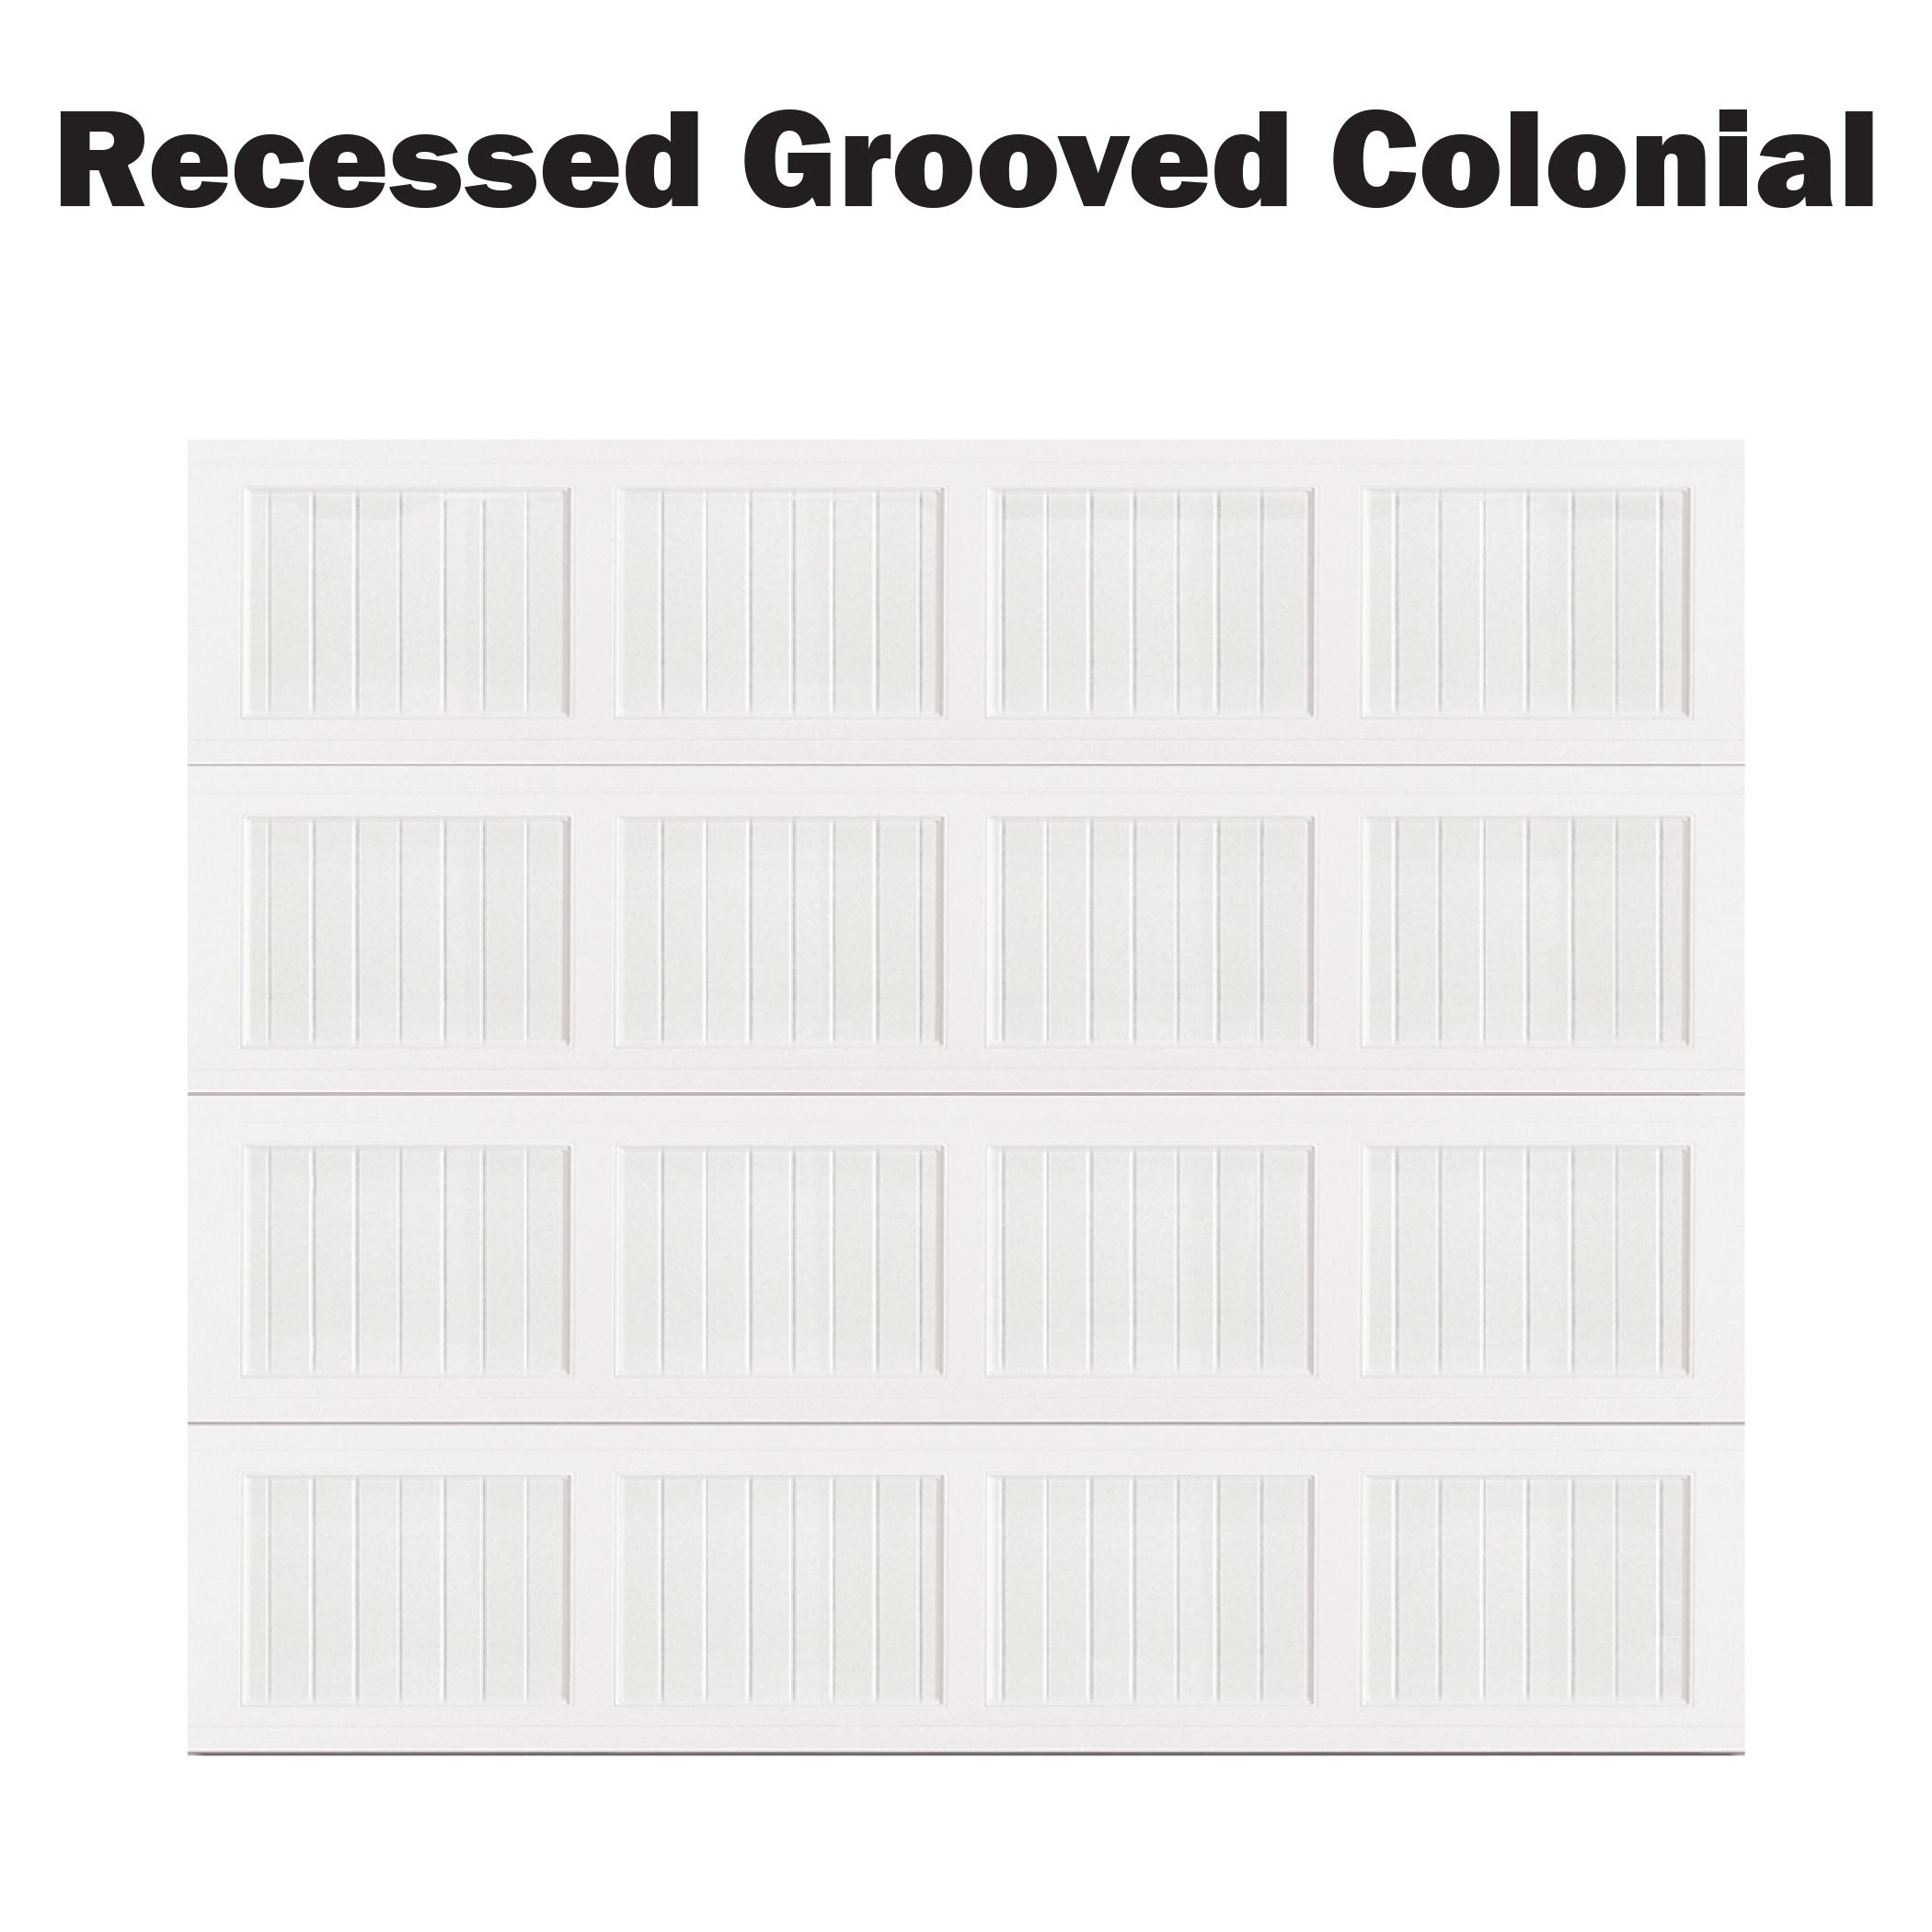 Recessed Grooved Colonial - Premium.jpg